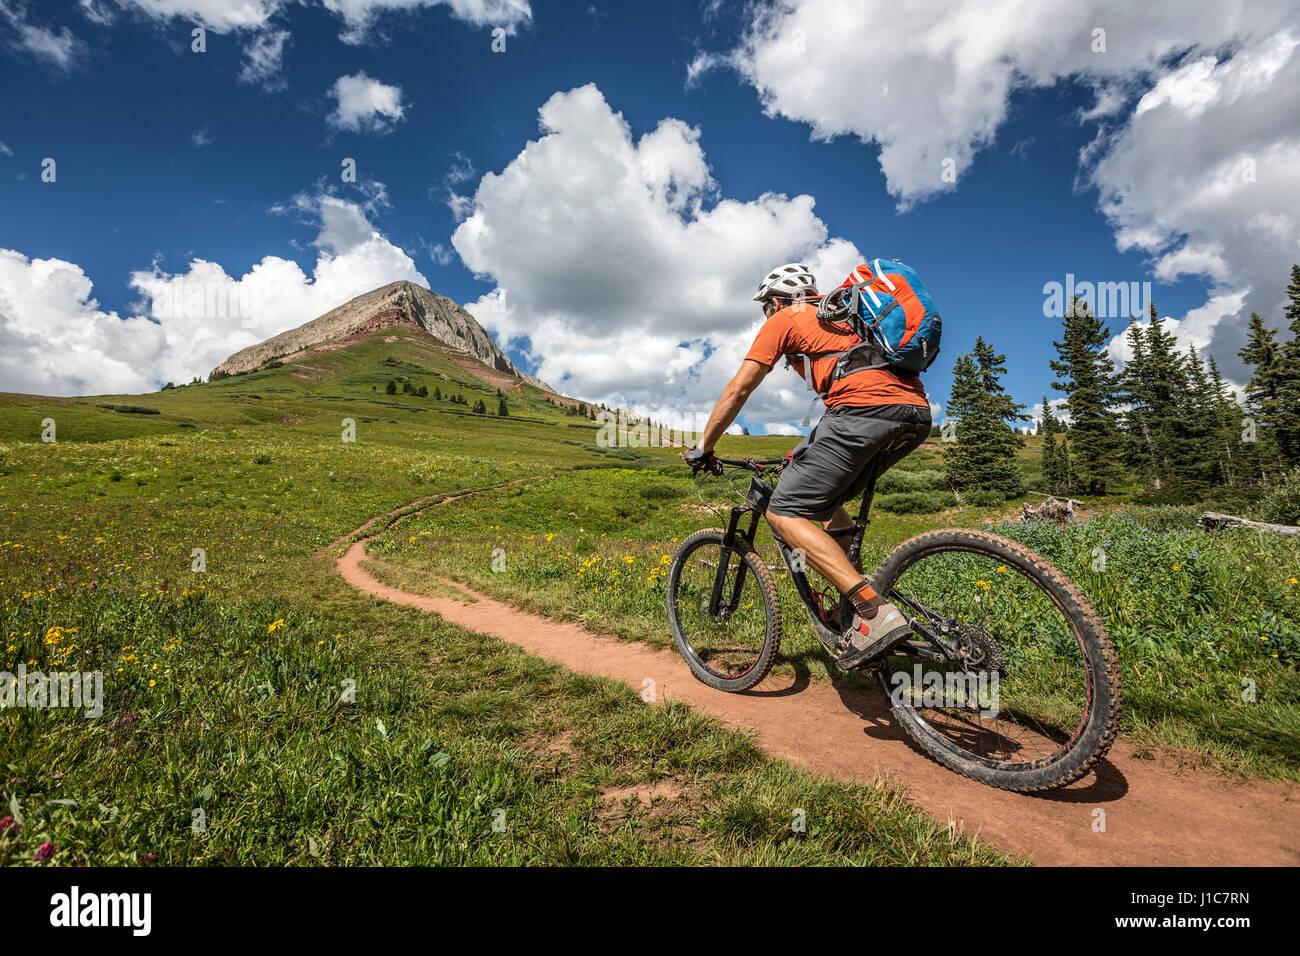 Eric Odenthal mountain bike fino il pass trail tecnico verso la montagna, Colorado. Immagini Stock